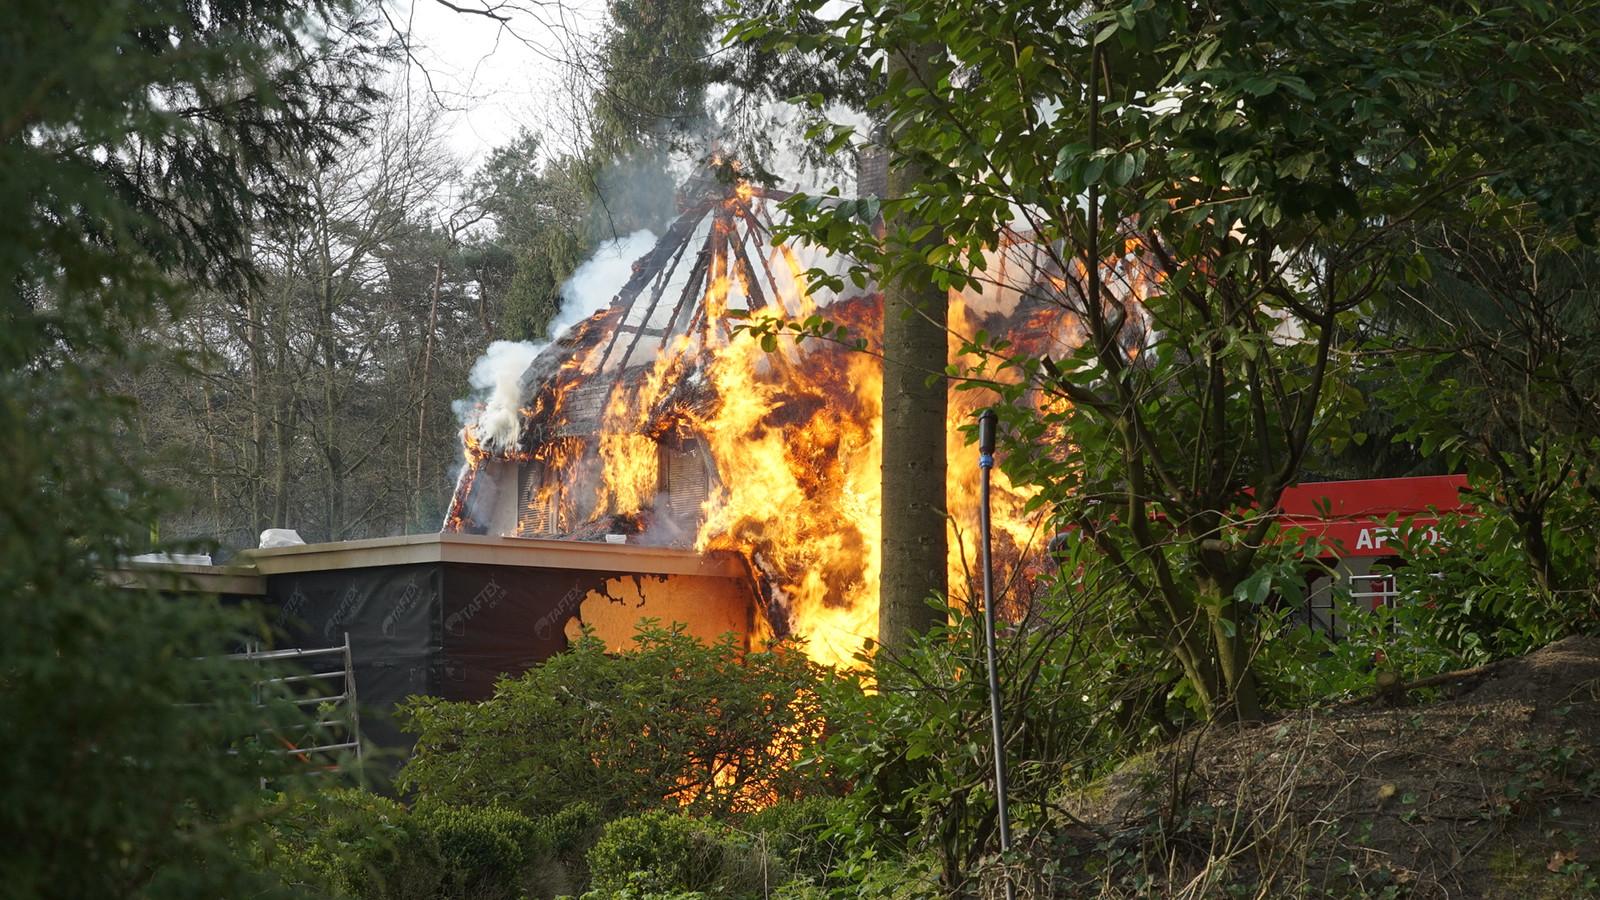 De vlammen sloegen uit de woning.